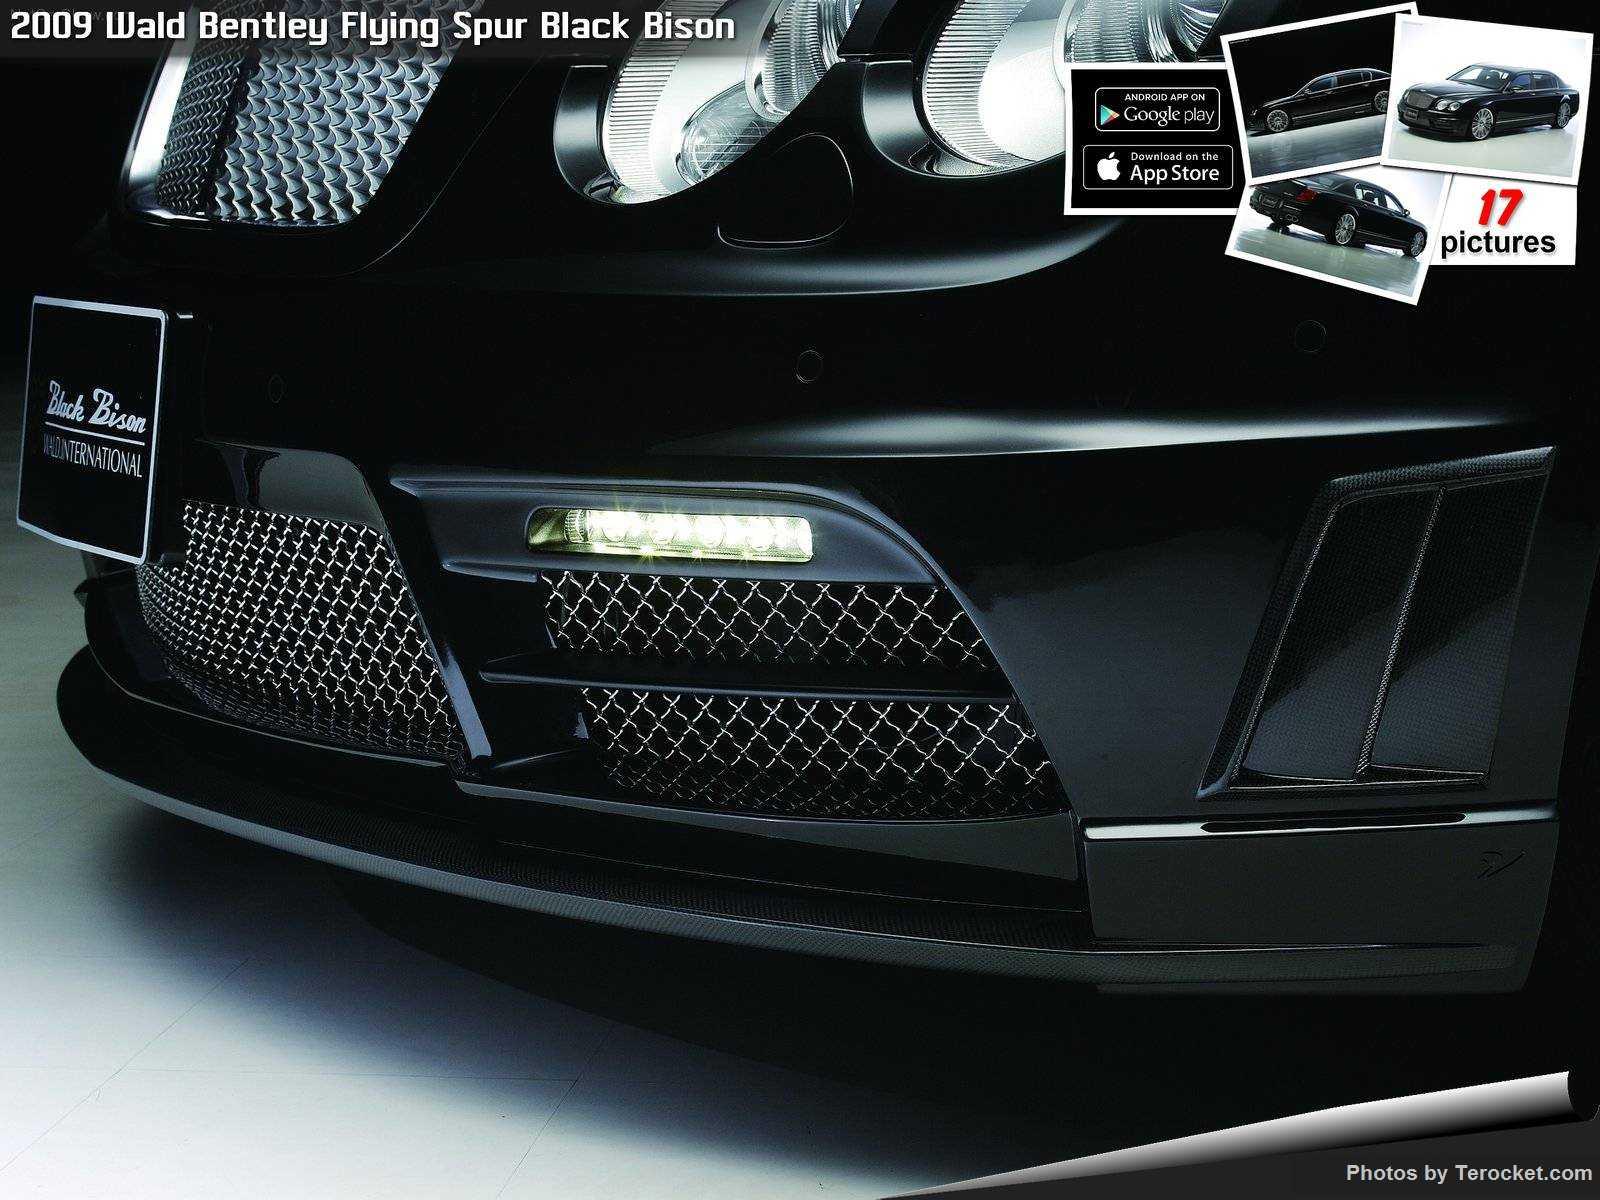 Hình ảnh xe độ Wald Bentley Flying Spur Black Bison 2009 & nội ngoại thất